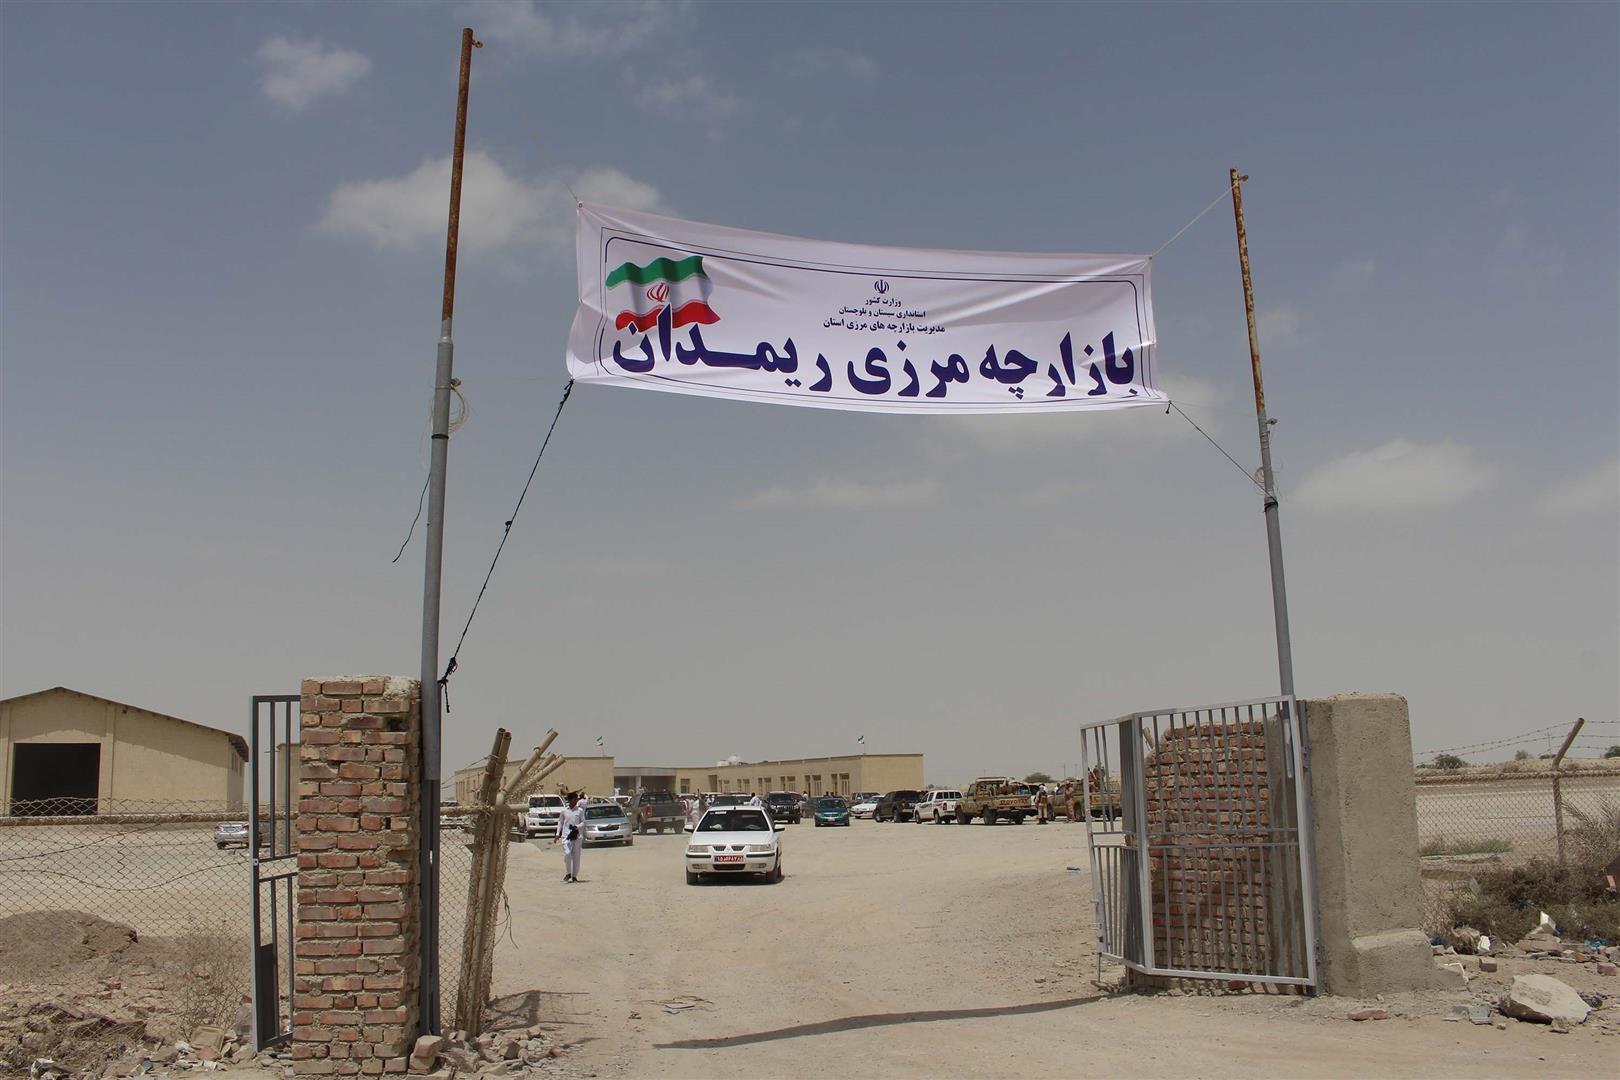 قطعی برق در بازارچه مرزی ریمدان سبب مختل شدن صادرات شد